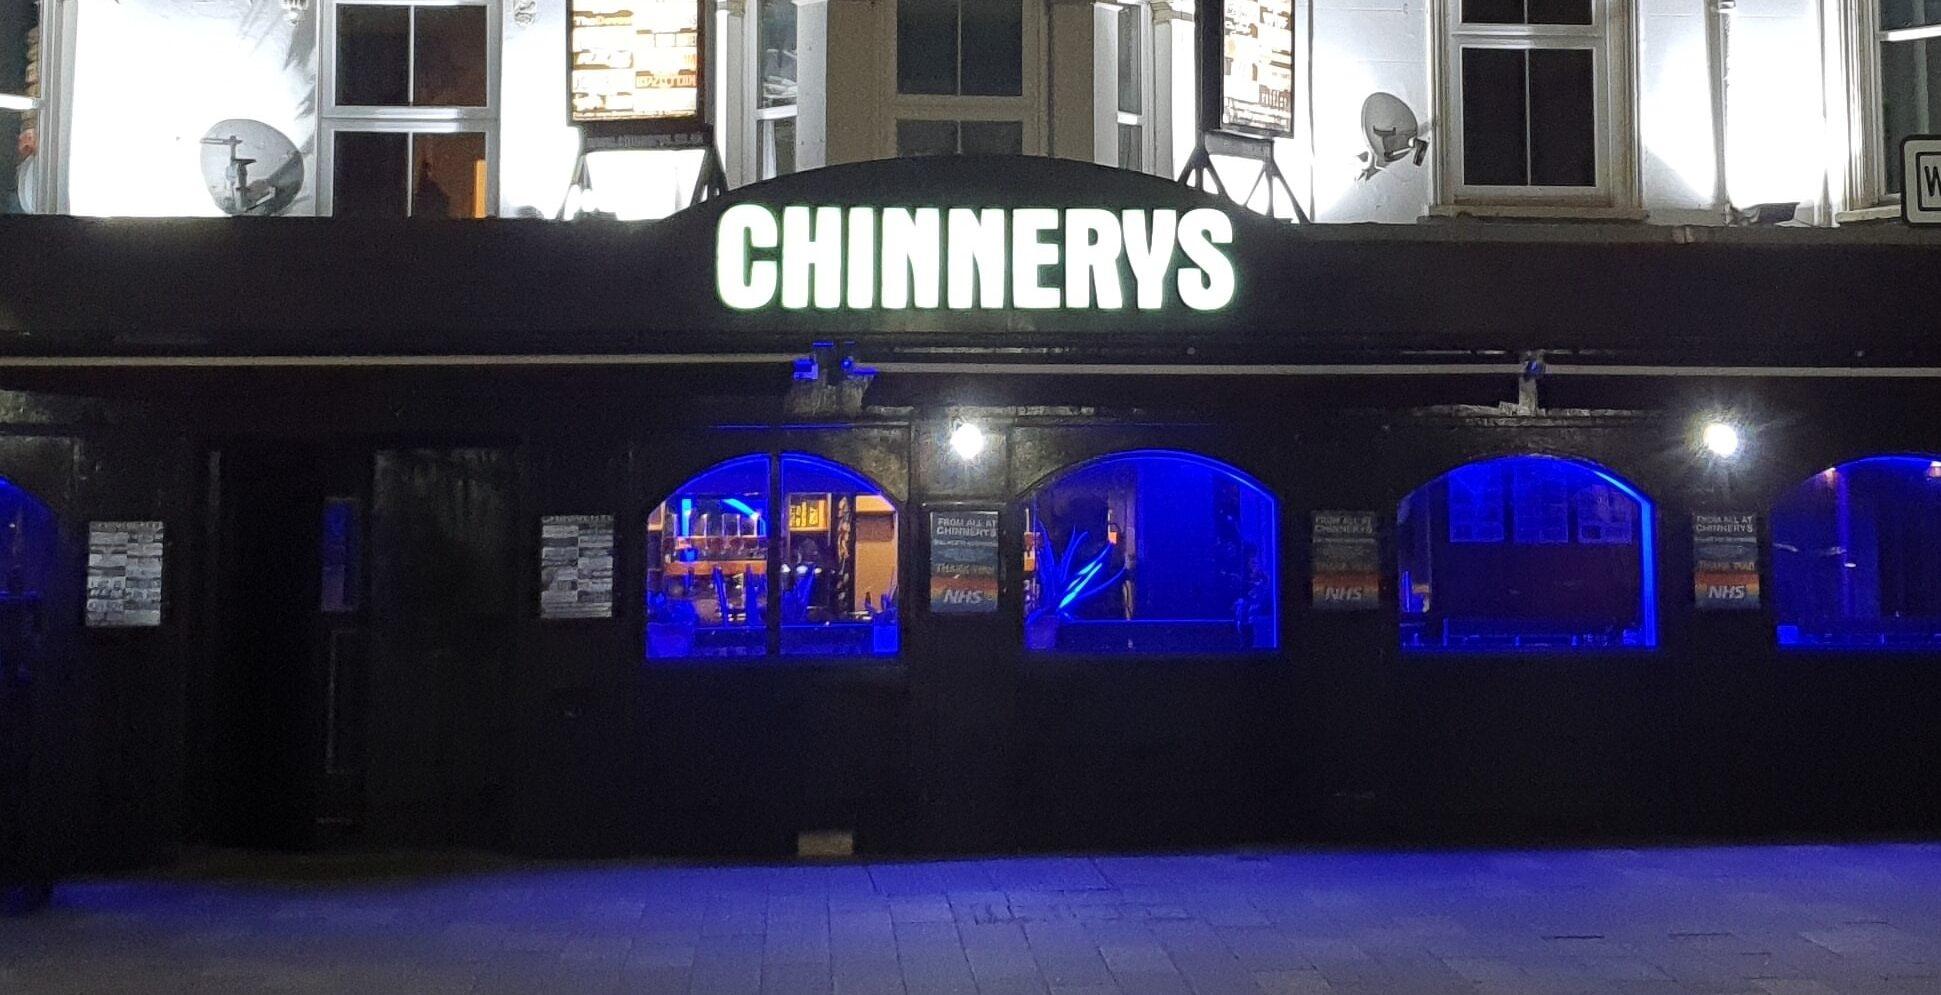 Chinnerys